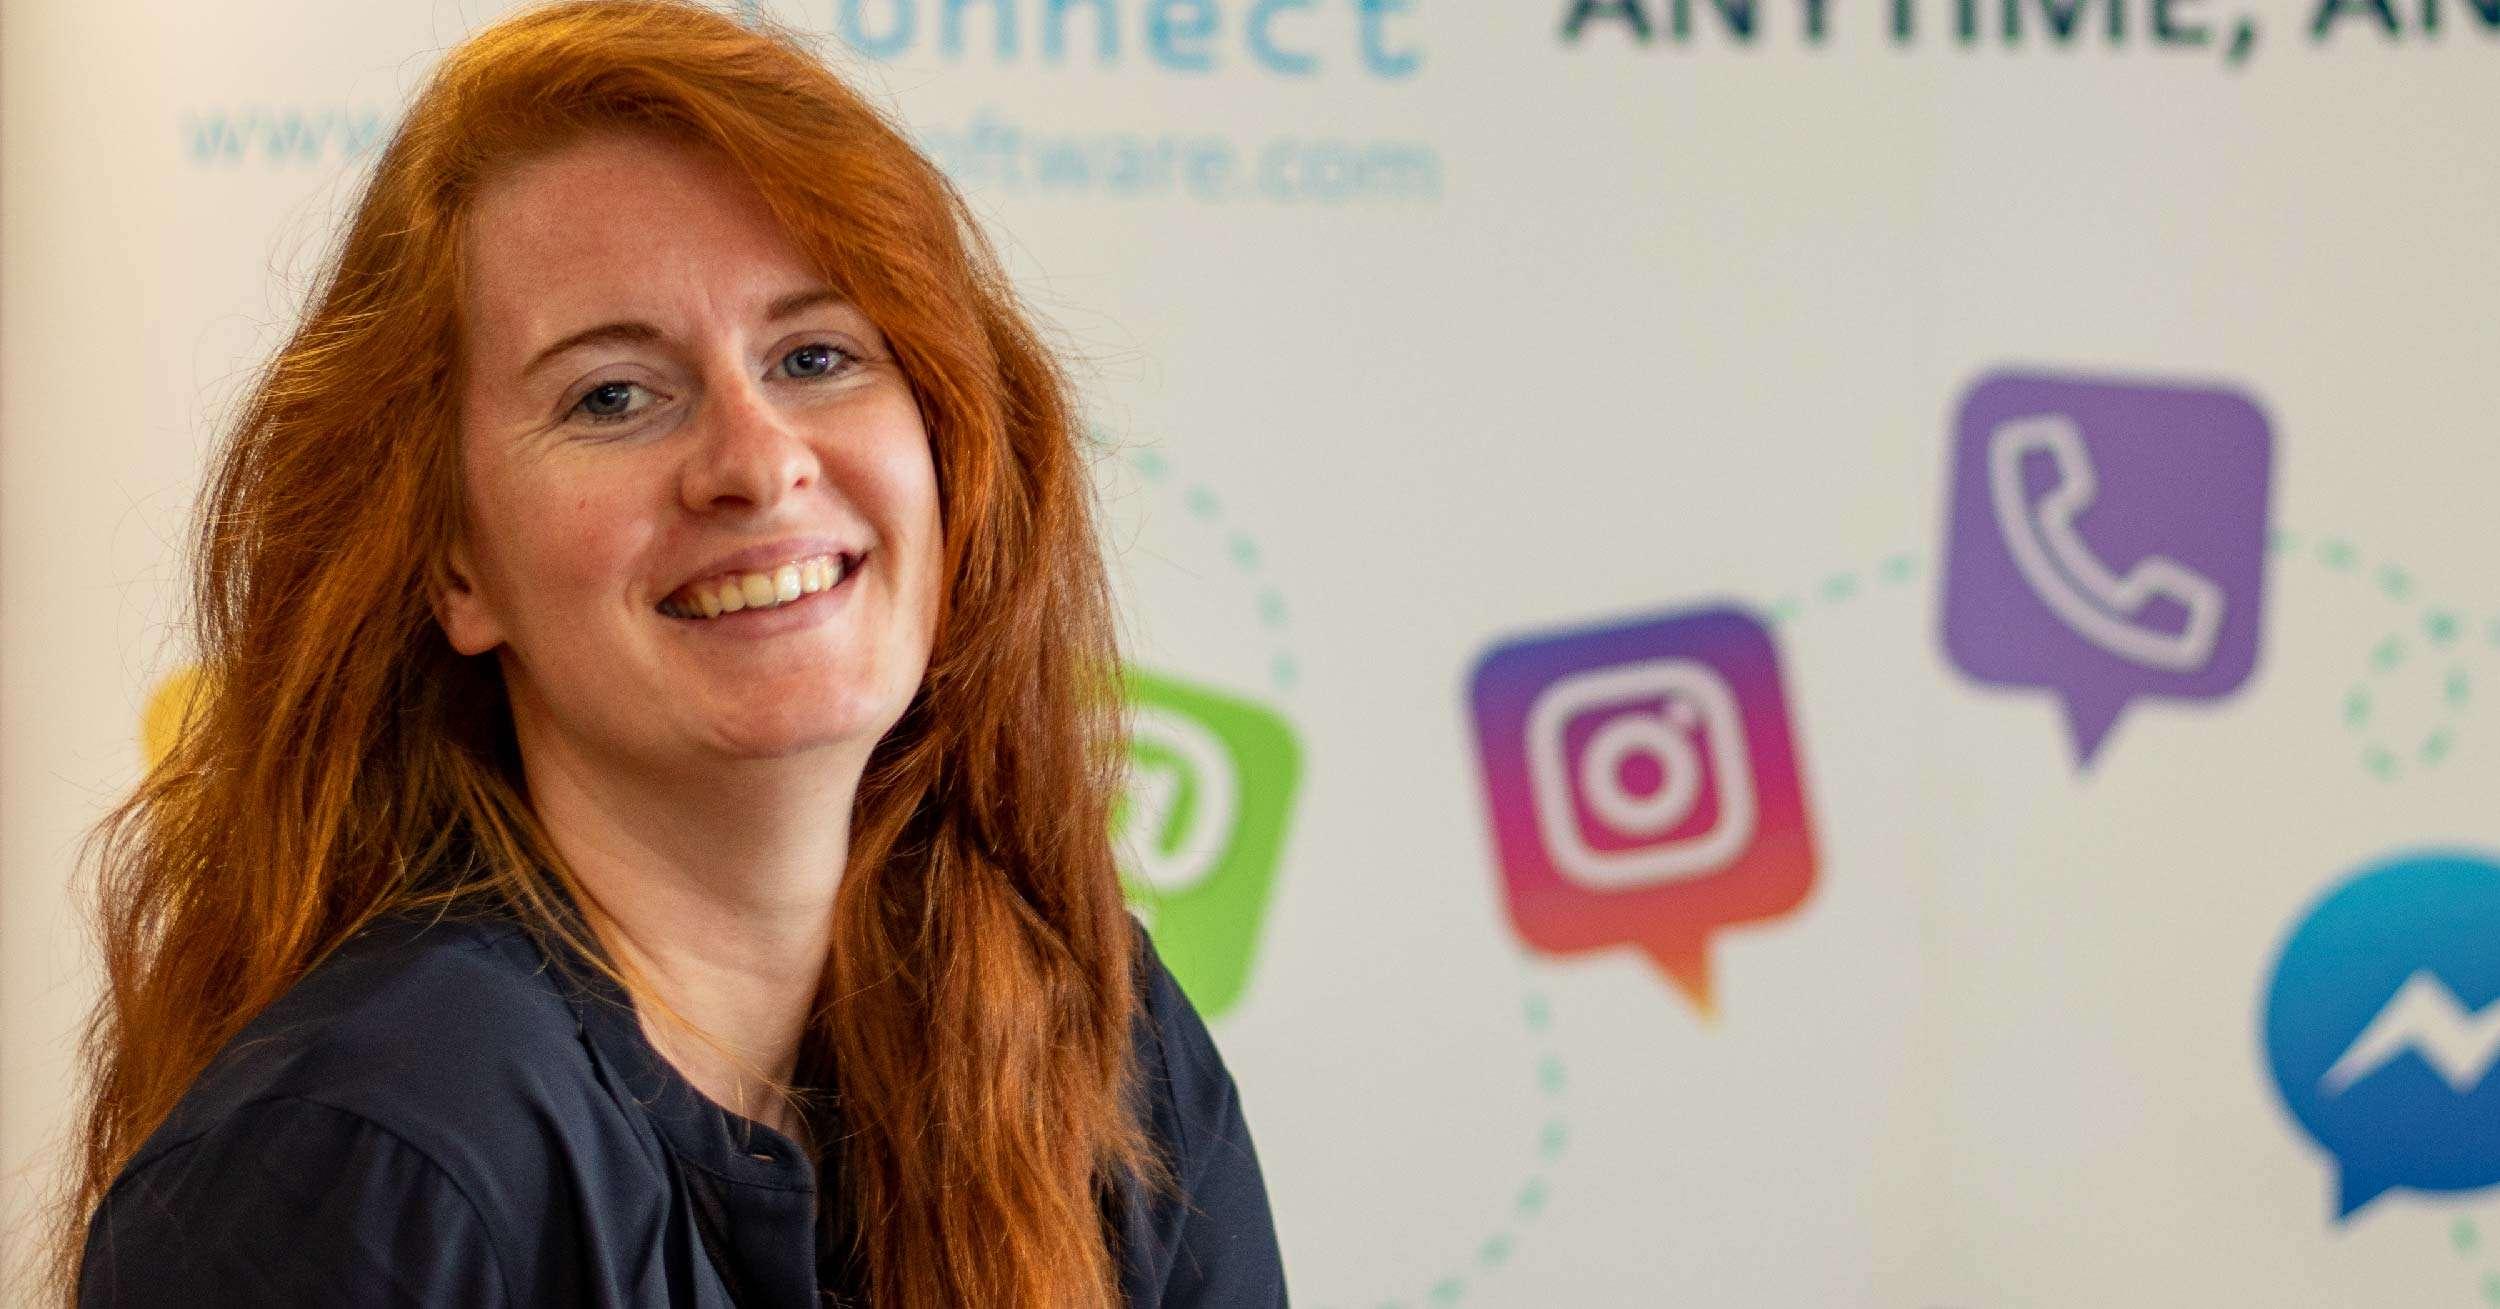 Renée Müller van start als Manager Marketing & Communicatie bij Codelogic